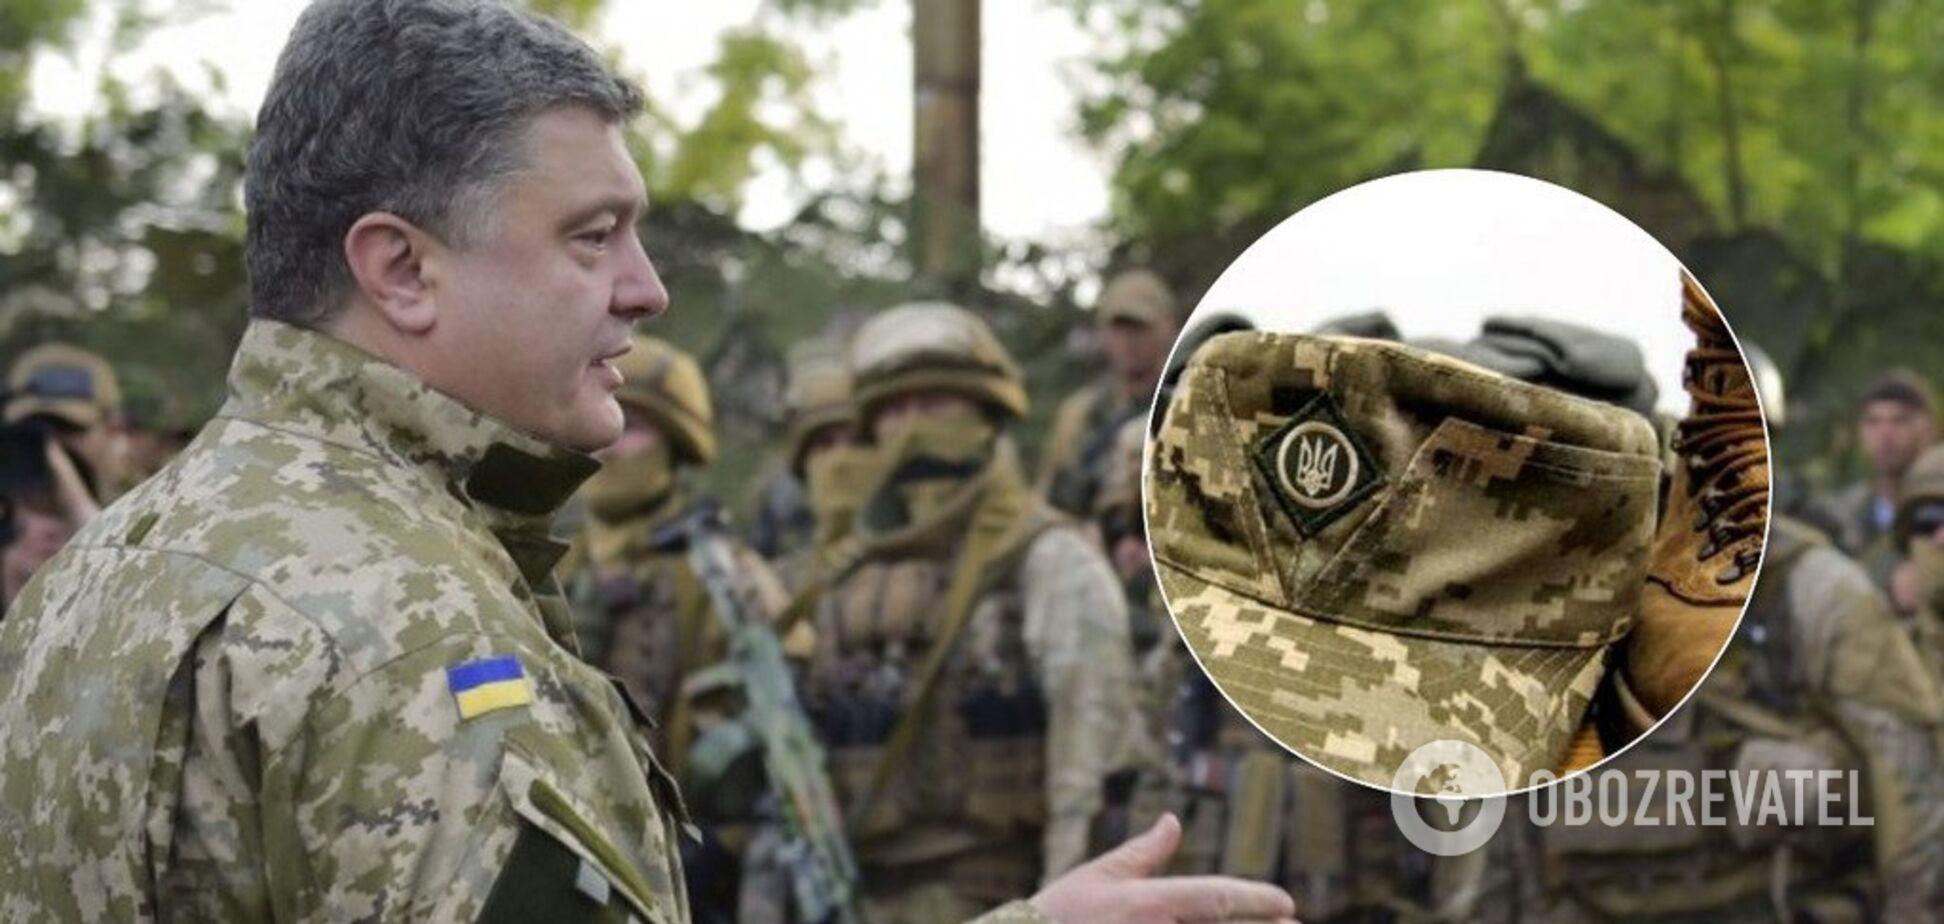 Витрати зросли у п'ять разів: як змінилася армія за час президентства Порошенка